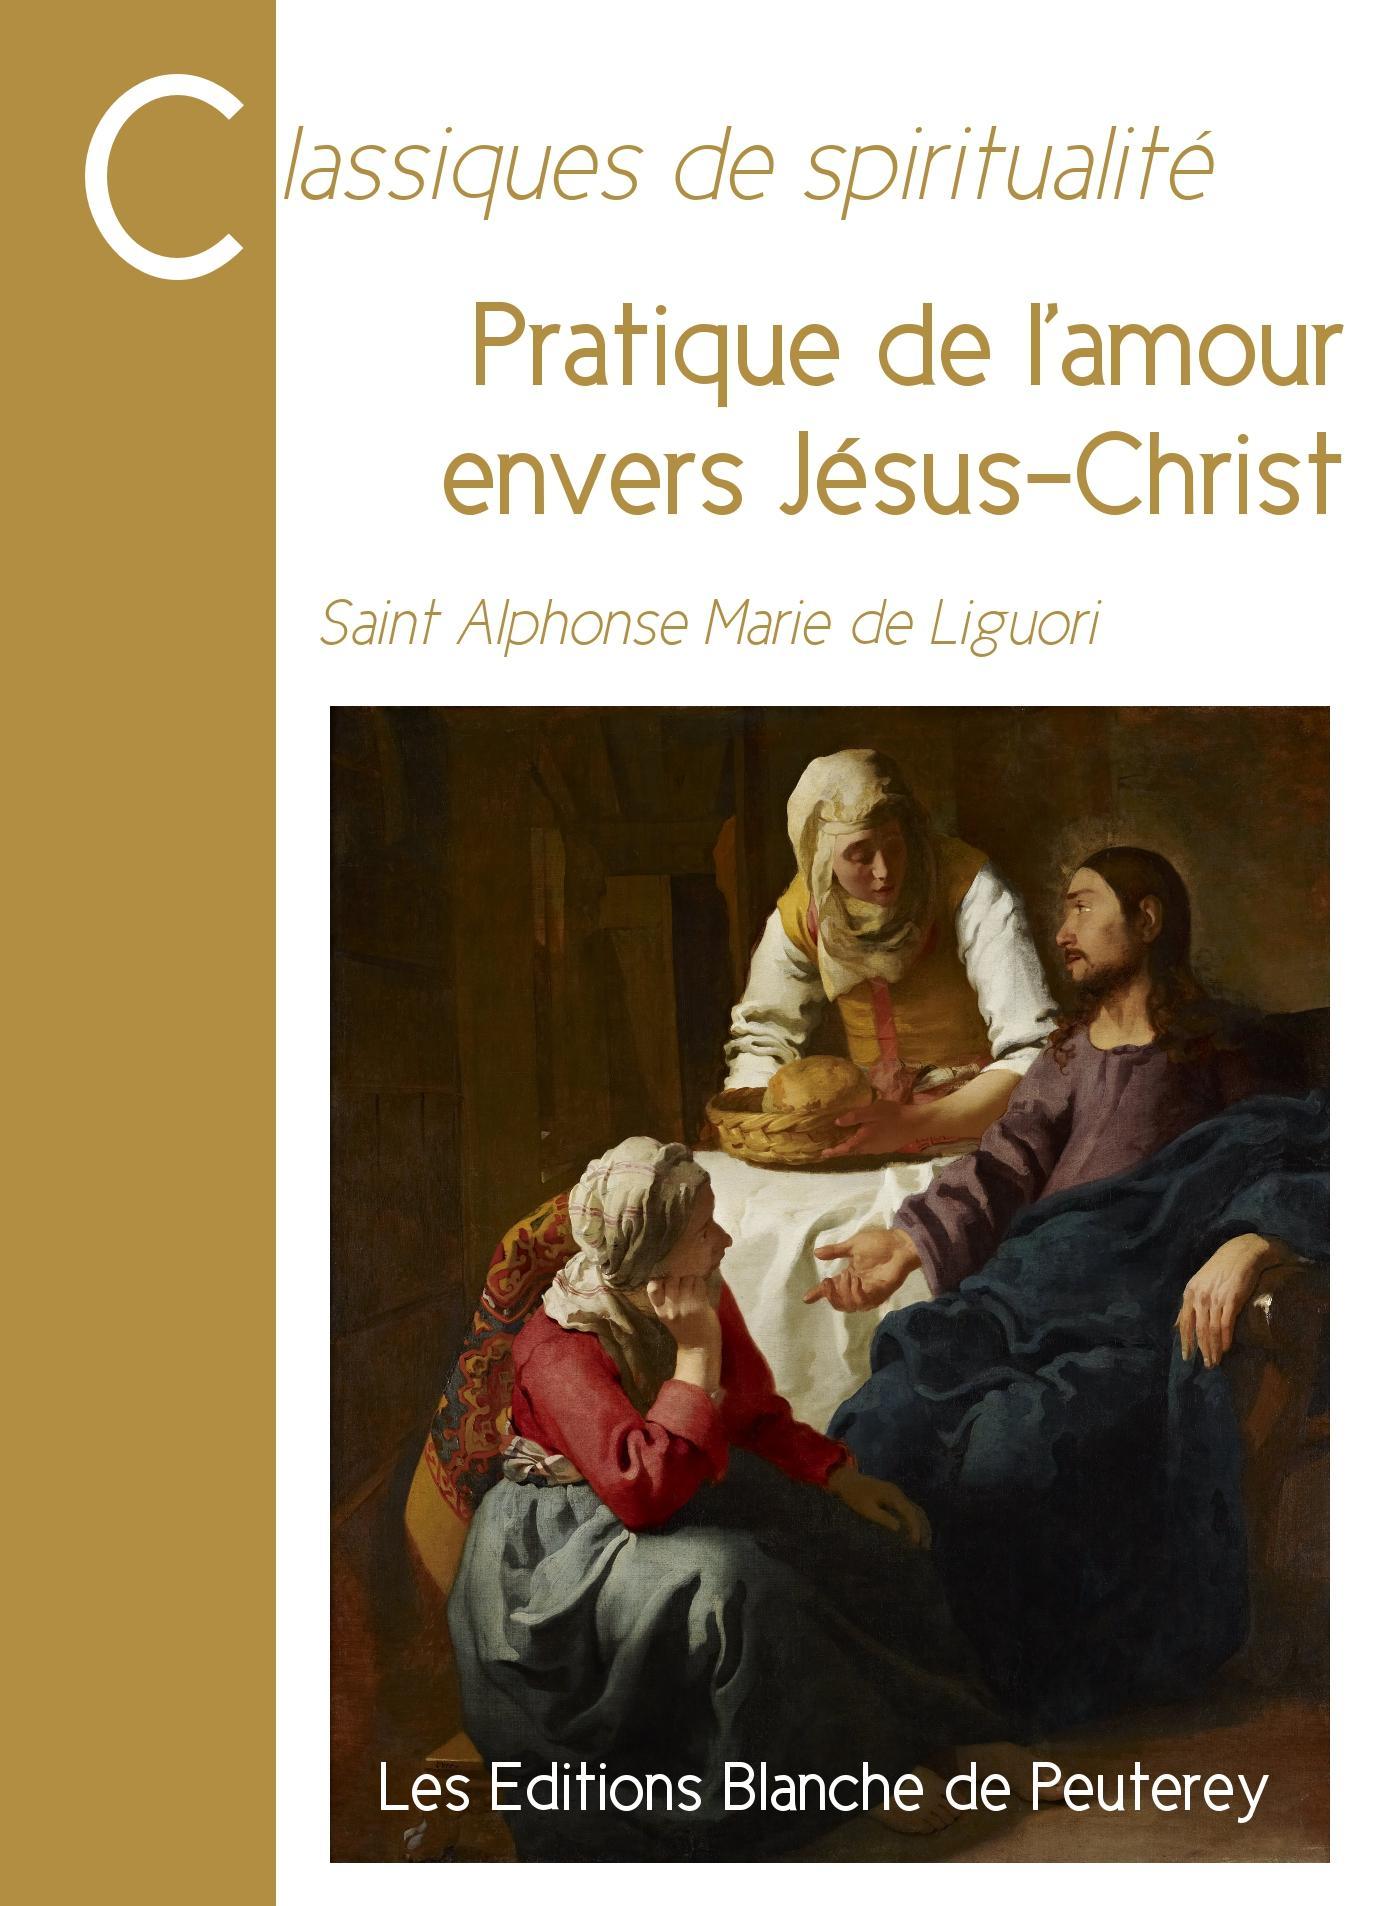 Pratique de l'amour envers Jésus-Christ